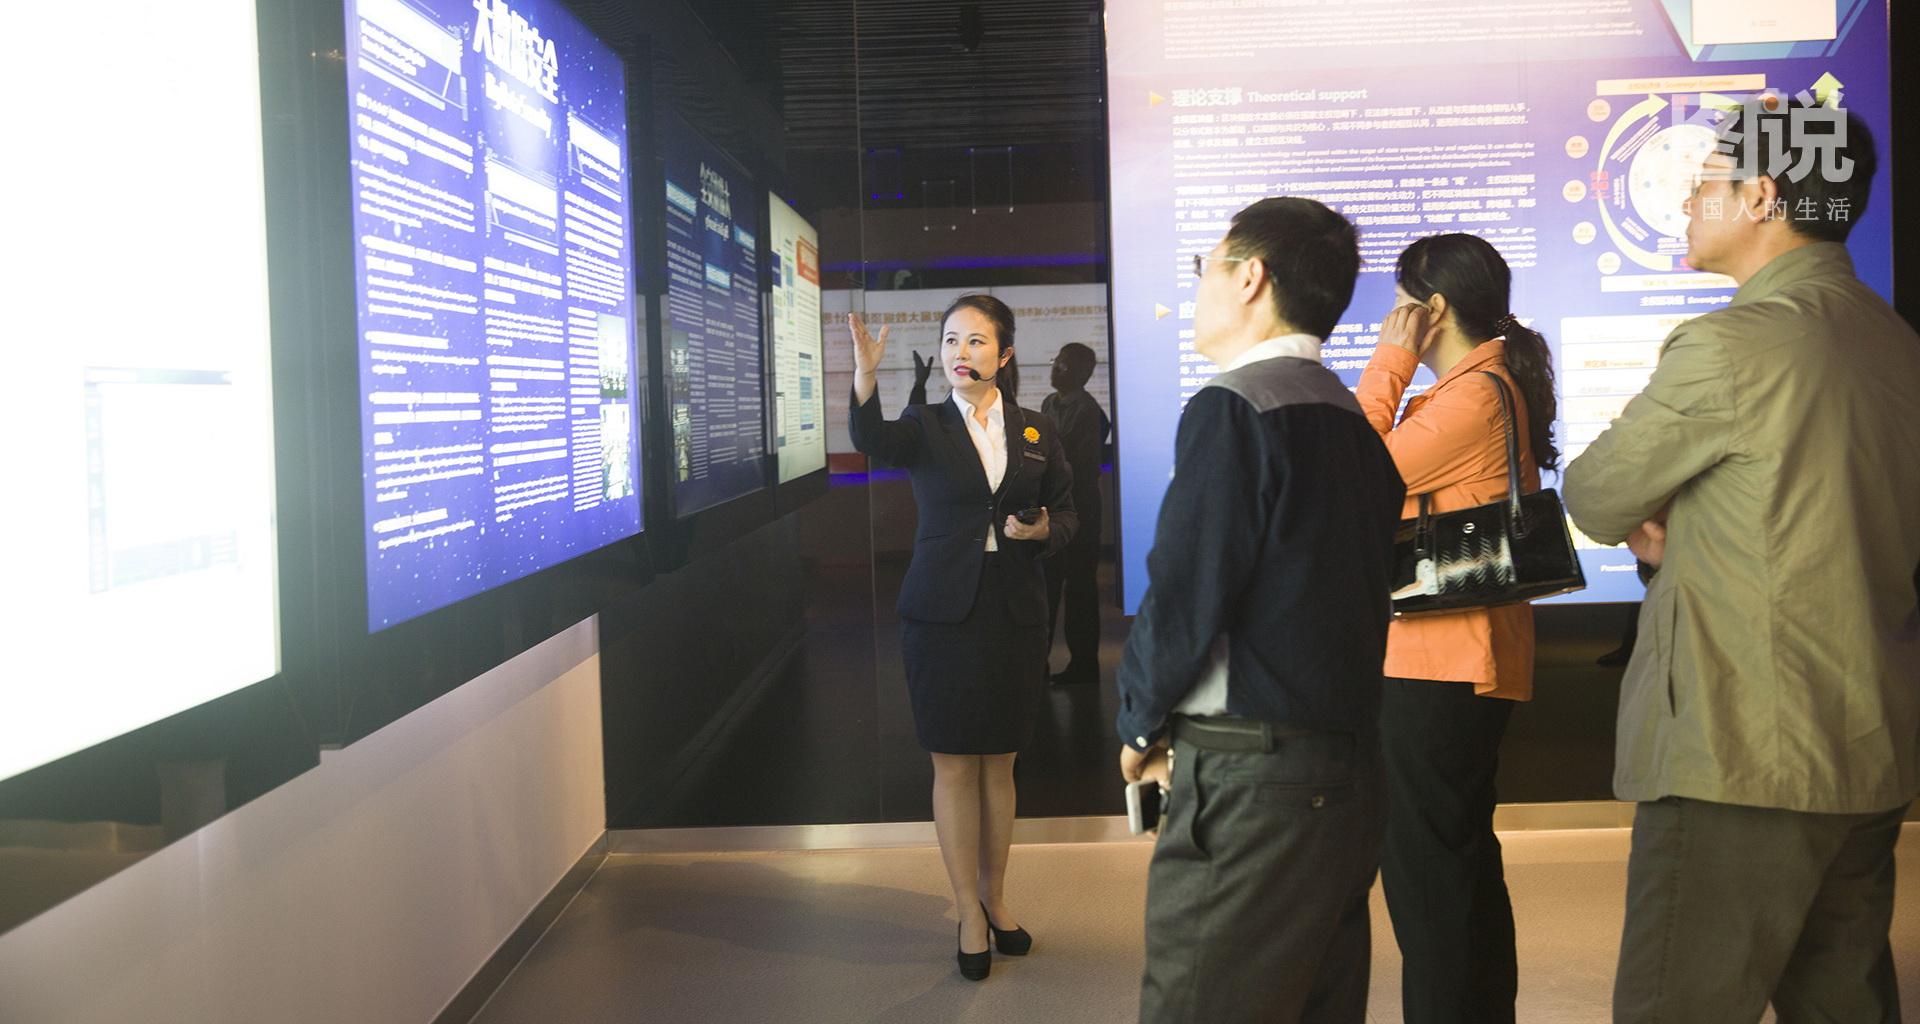 图说中国人的生活|热爱大数据的解说员